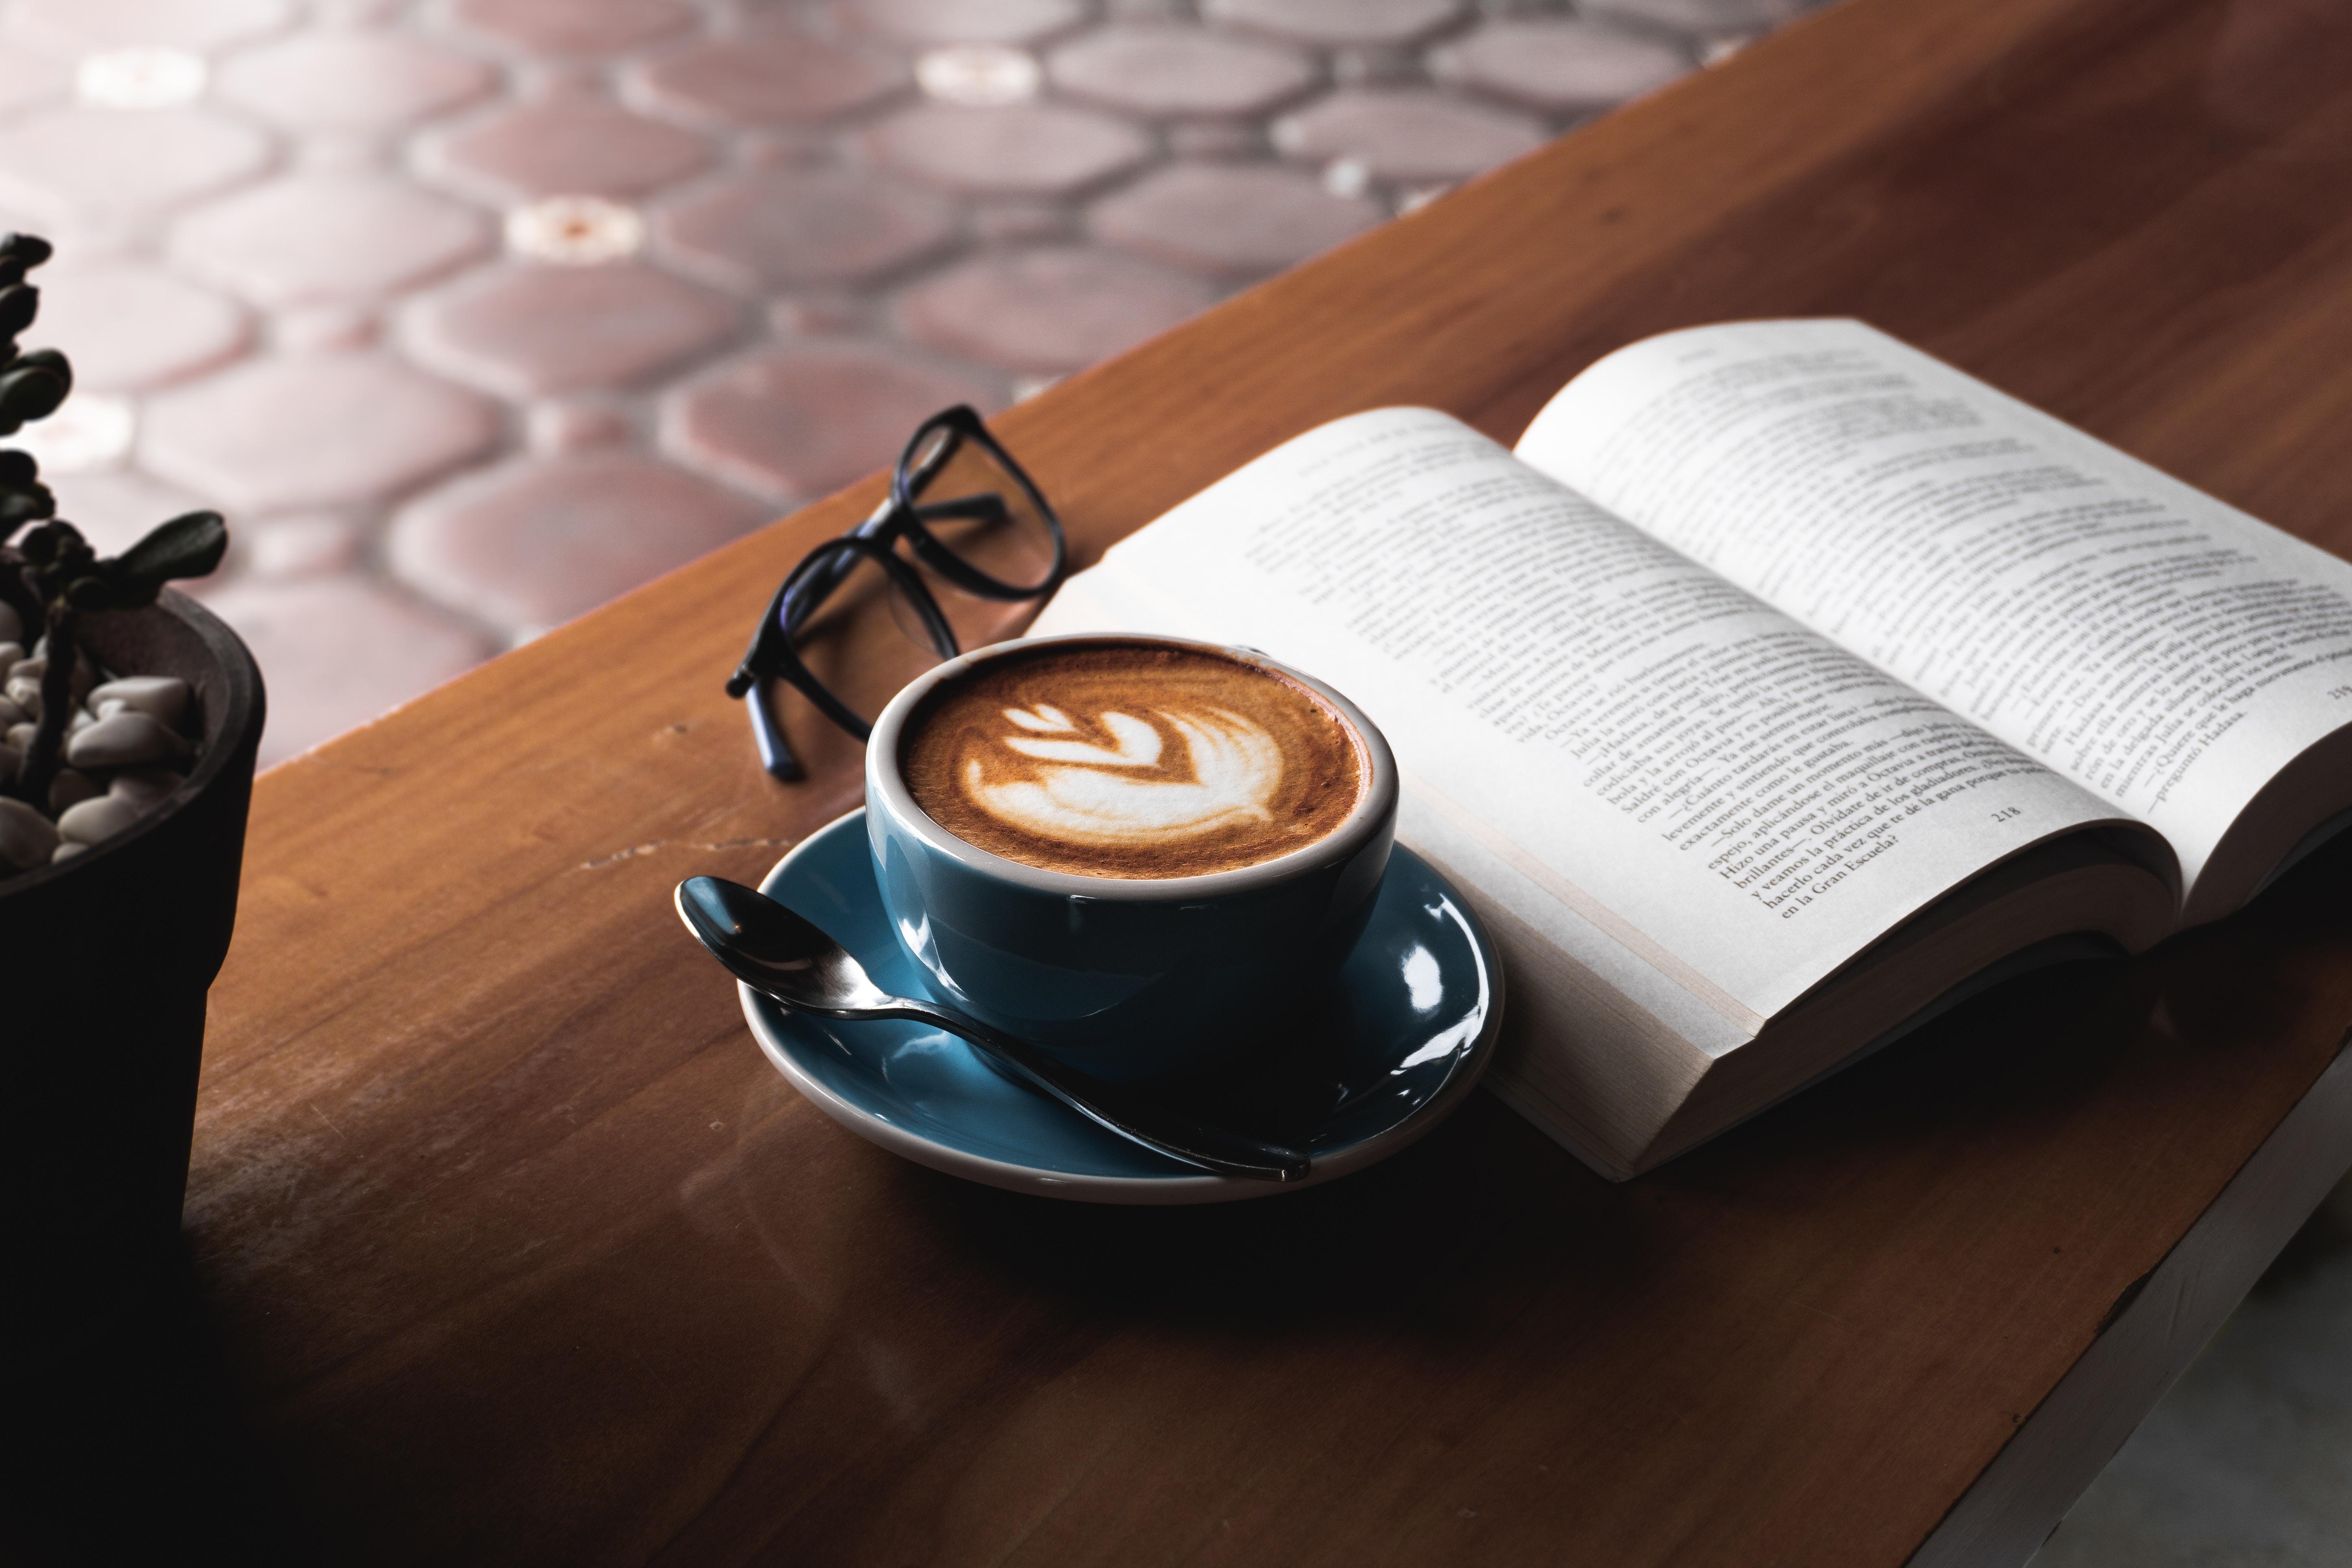 103442 Hintergrundbild herunterladen Lebensmittel, Getränke, Coffee, Eine Tasse, Tasse, Tisch, Tabelle, Buch, Trinken, Brille - Bildschirmschoner und Bilder kostenlos